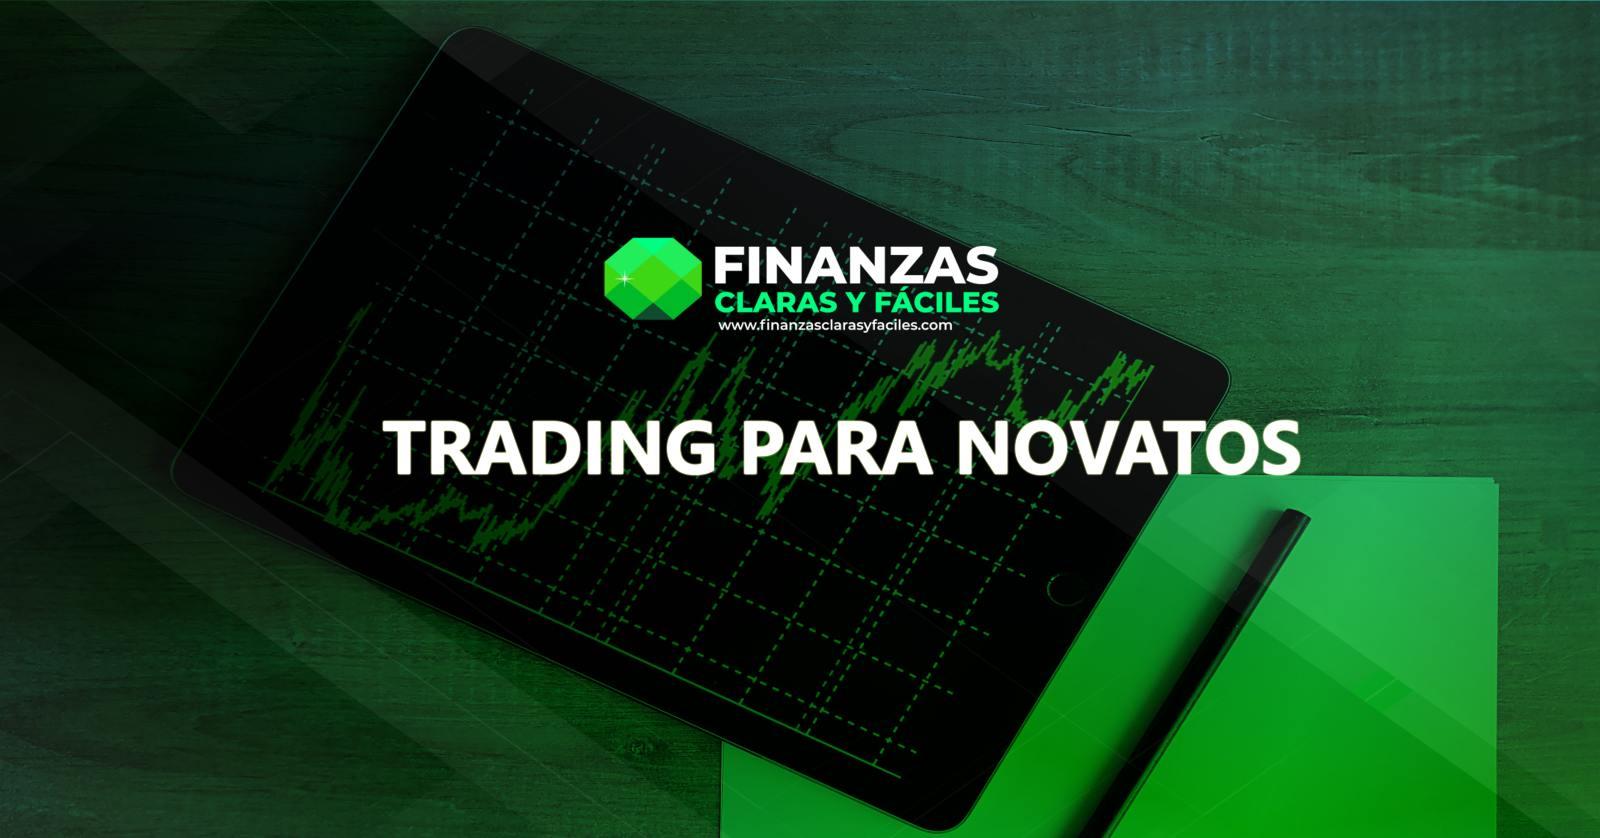 trading para novatos